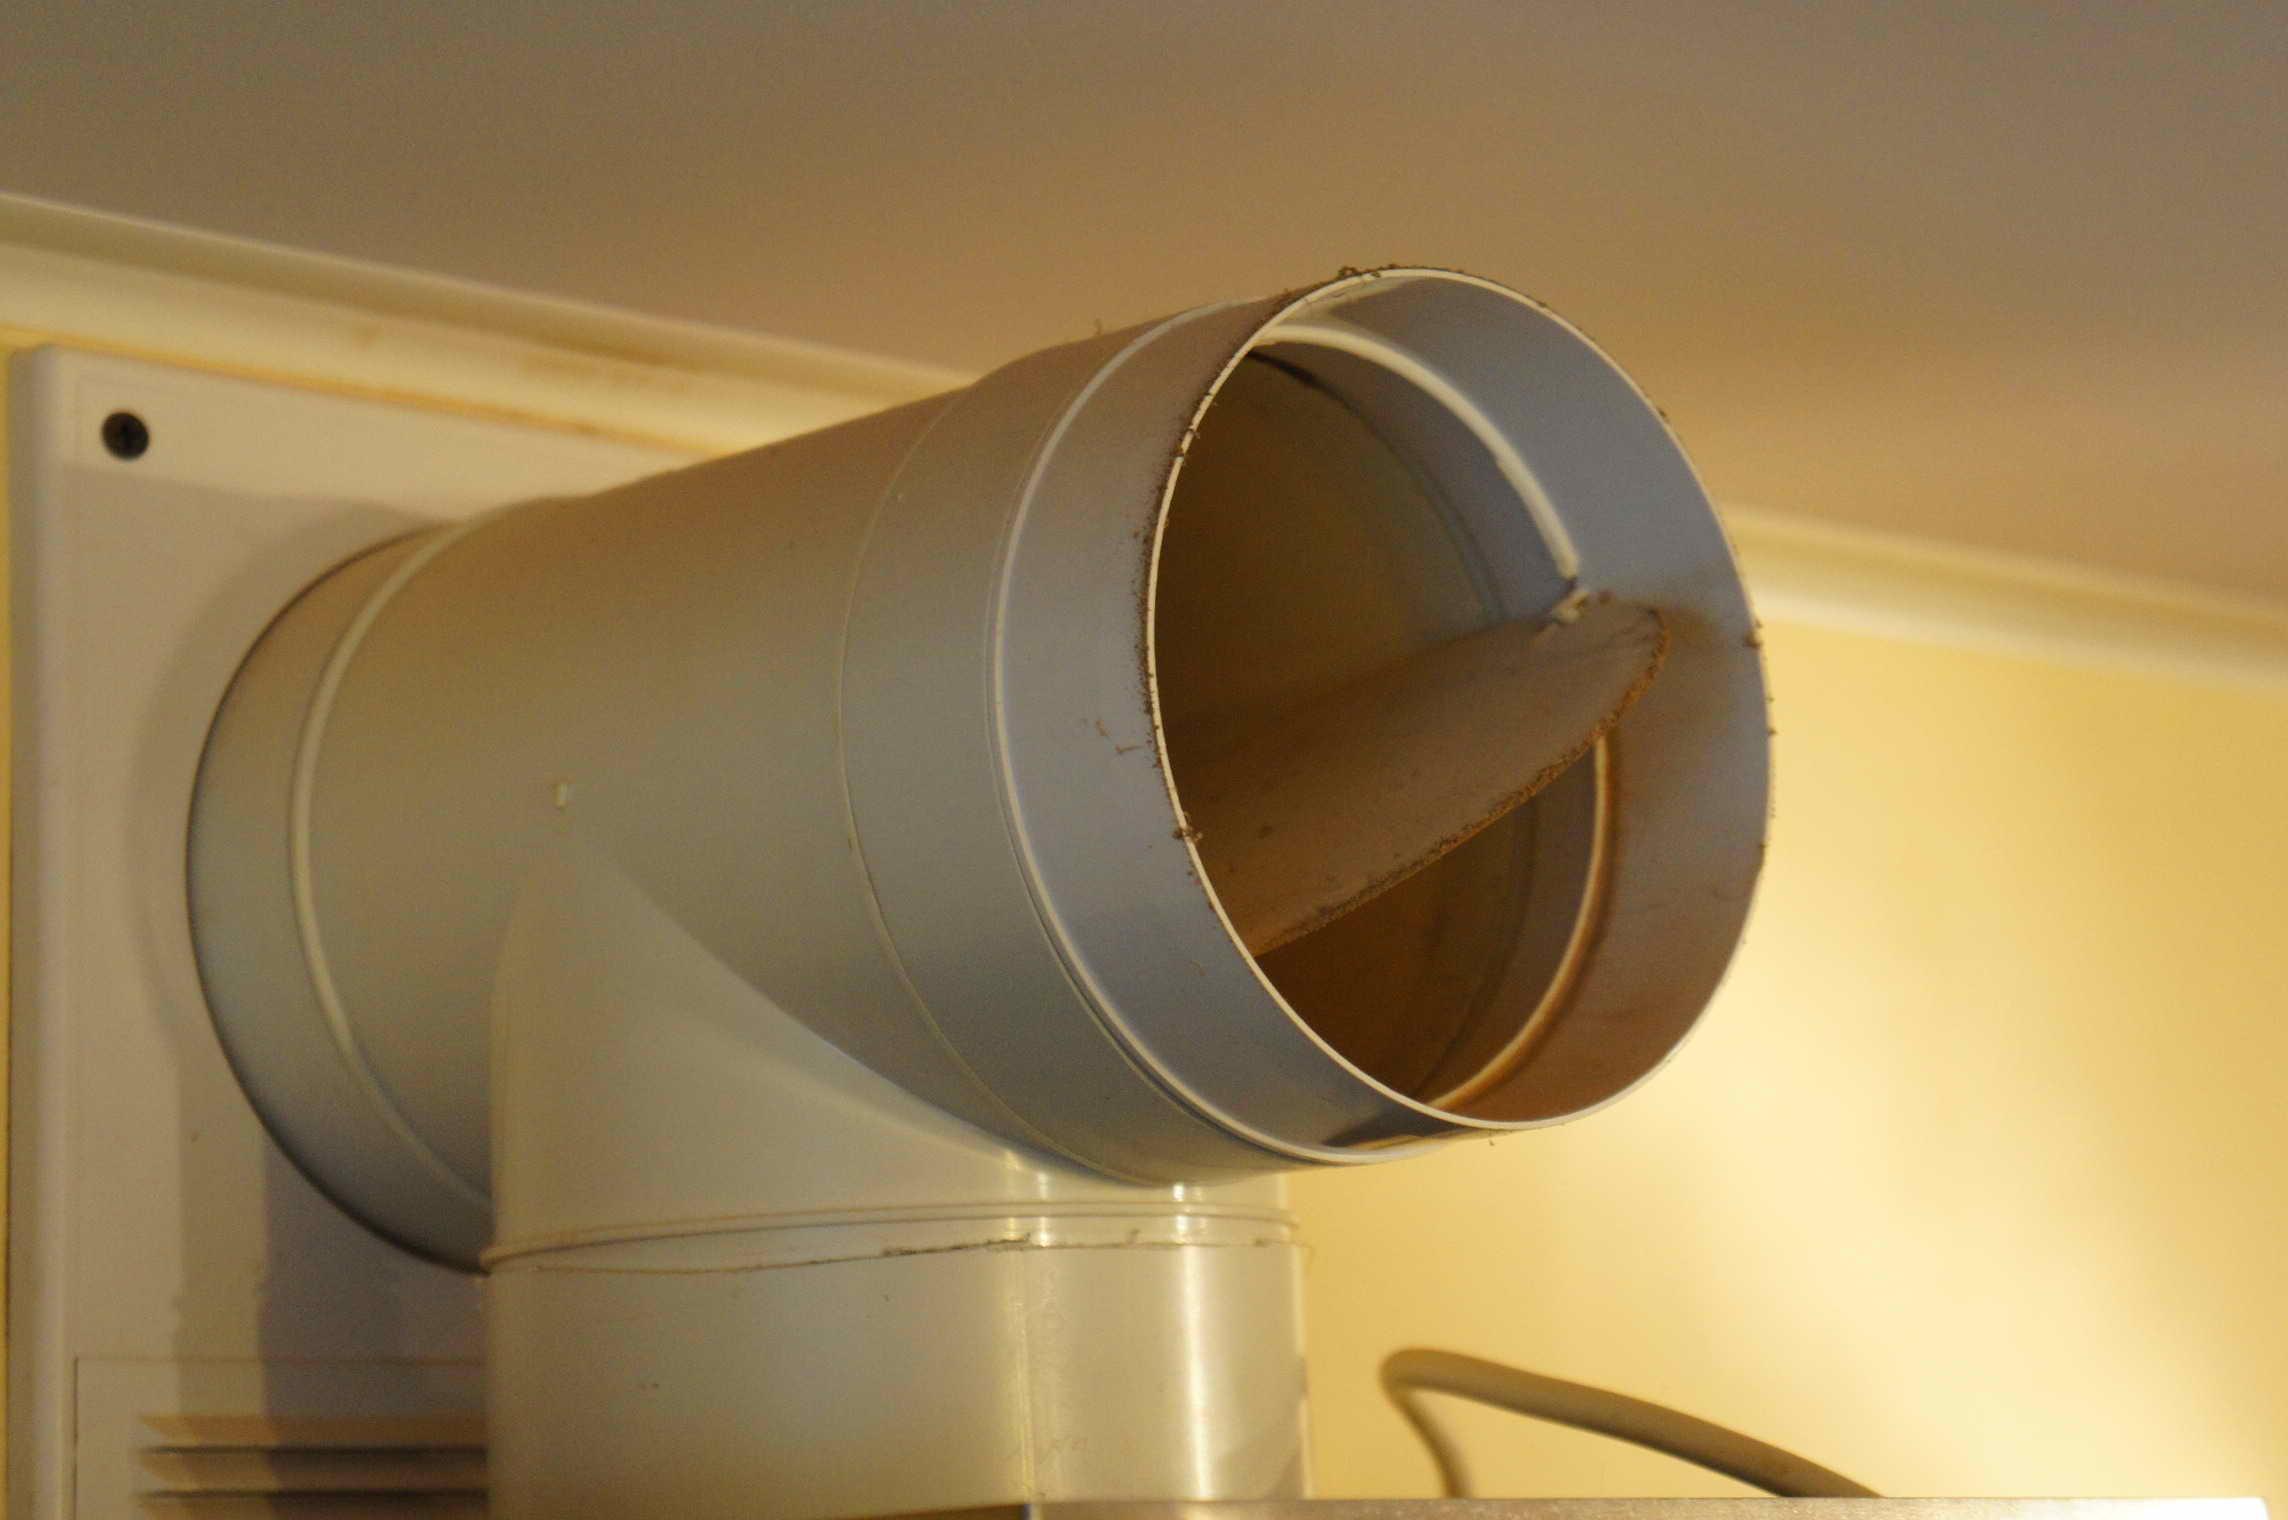 Обратный клапан на вентиляцию в квартире своими руками